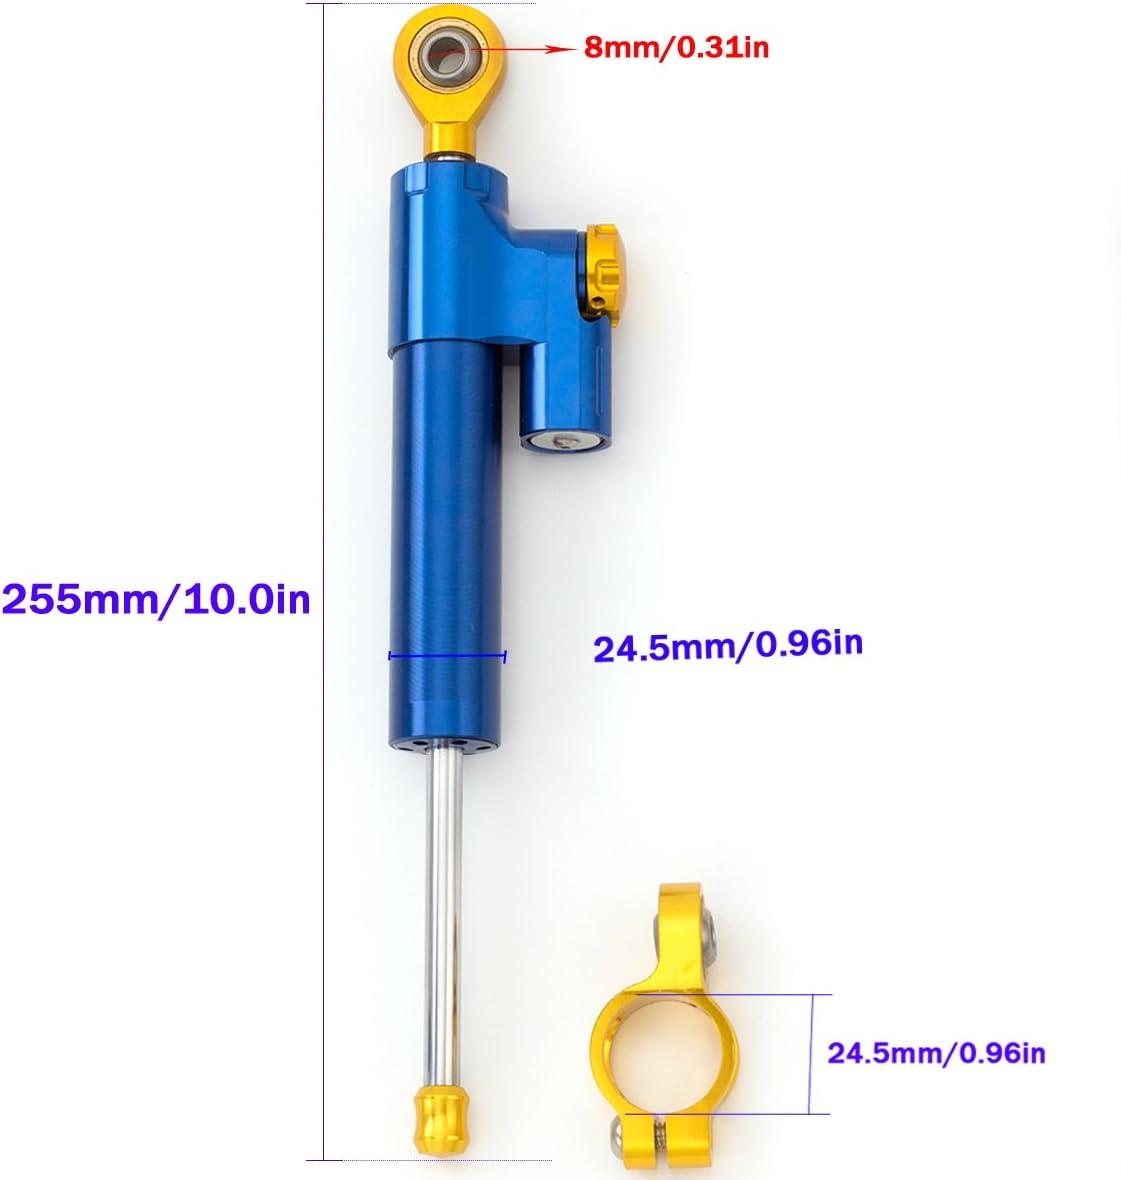 CBR1000R 2008-2016 CBR954RR 2002-2003 CB1300 03-11 Motorcycle Adjustable Universal Steering Damper Stabilizer Control for Honda CBR600RR 2005-2016 CB600F Hornet 07-16 CBR650R CBR650F 2014-2016